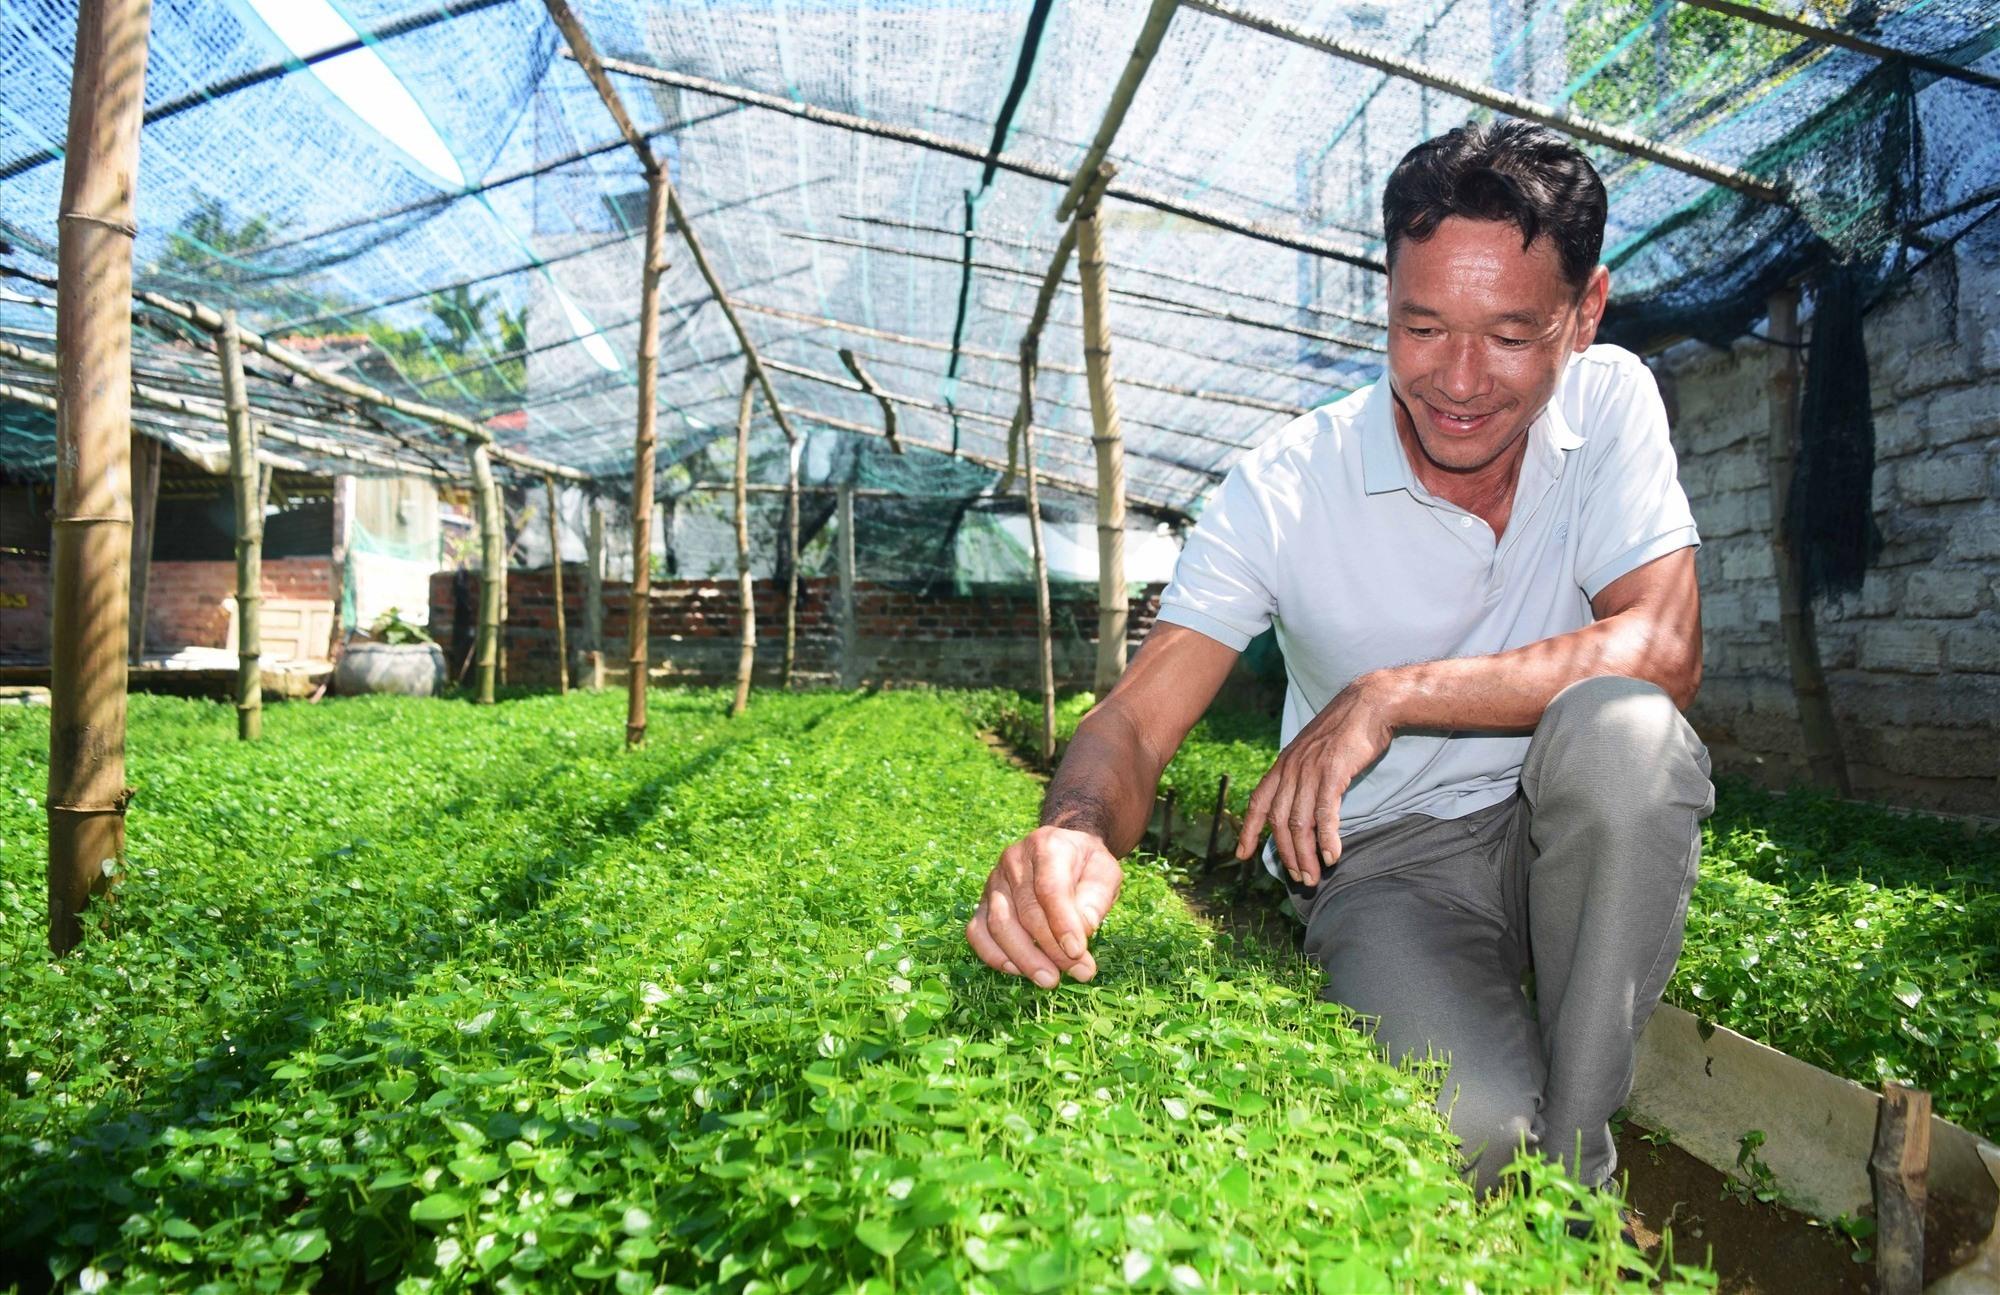 Ông Võ Đức Tường là người tiên phong trong trồng cây rau càng cua tại xã Bình Trung. Ảnh: THÁI CƯỜNG